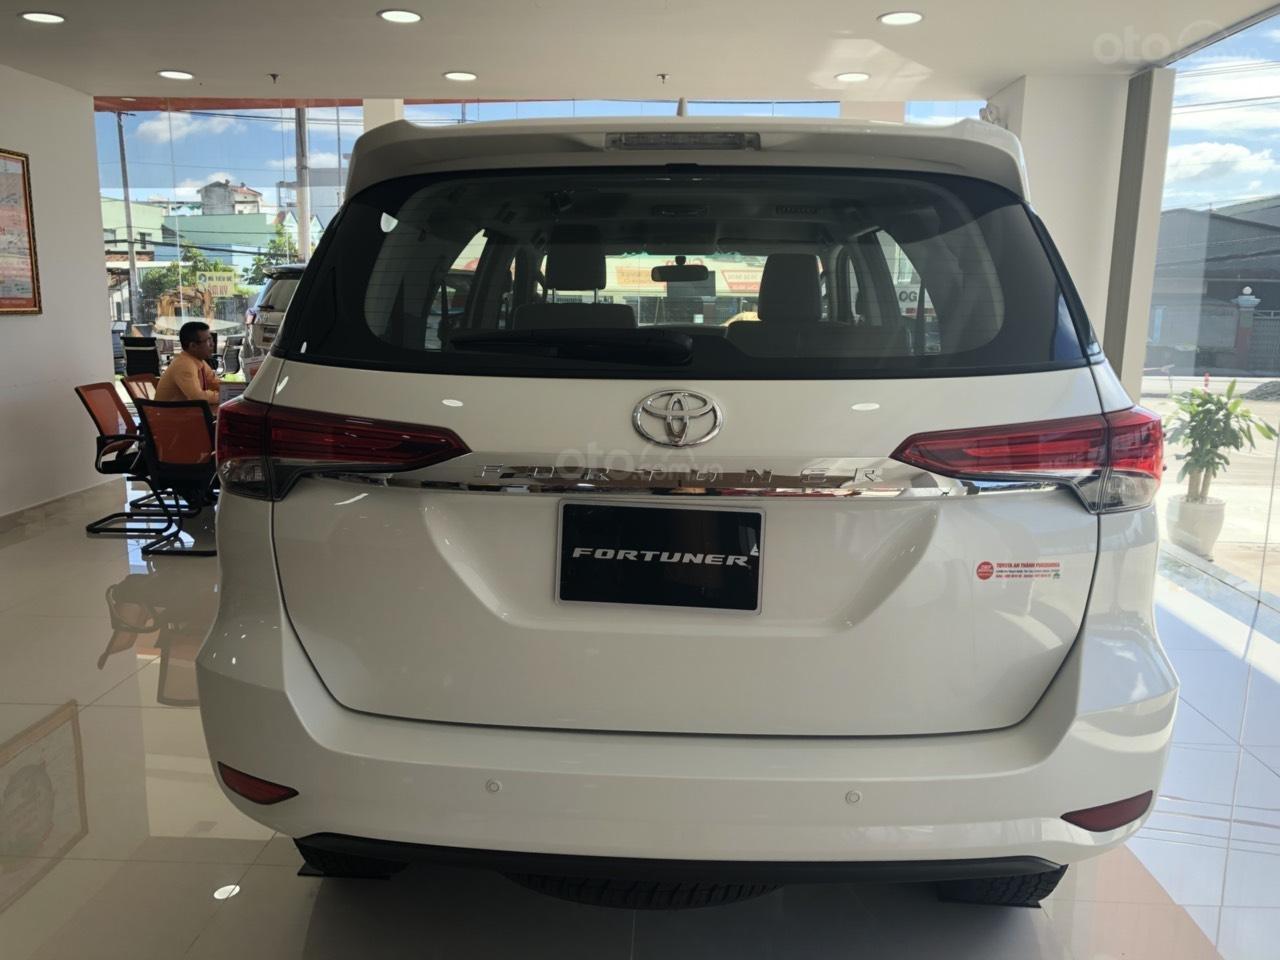 Bán Toyota Fortuner 2.4G số tự động, máy dầu, màu trắng ngọc trai, vay 85%, trả 250tr nhận ngay xe (3)